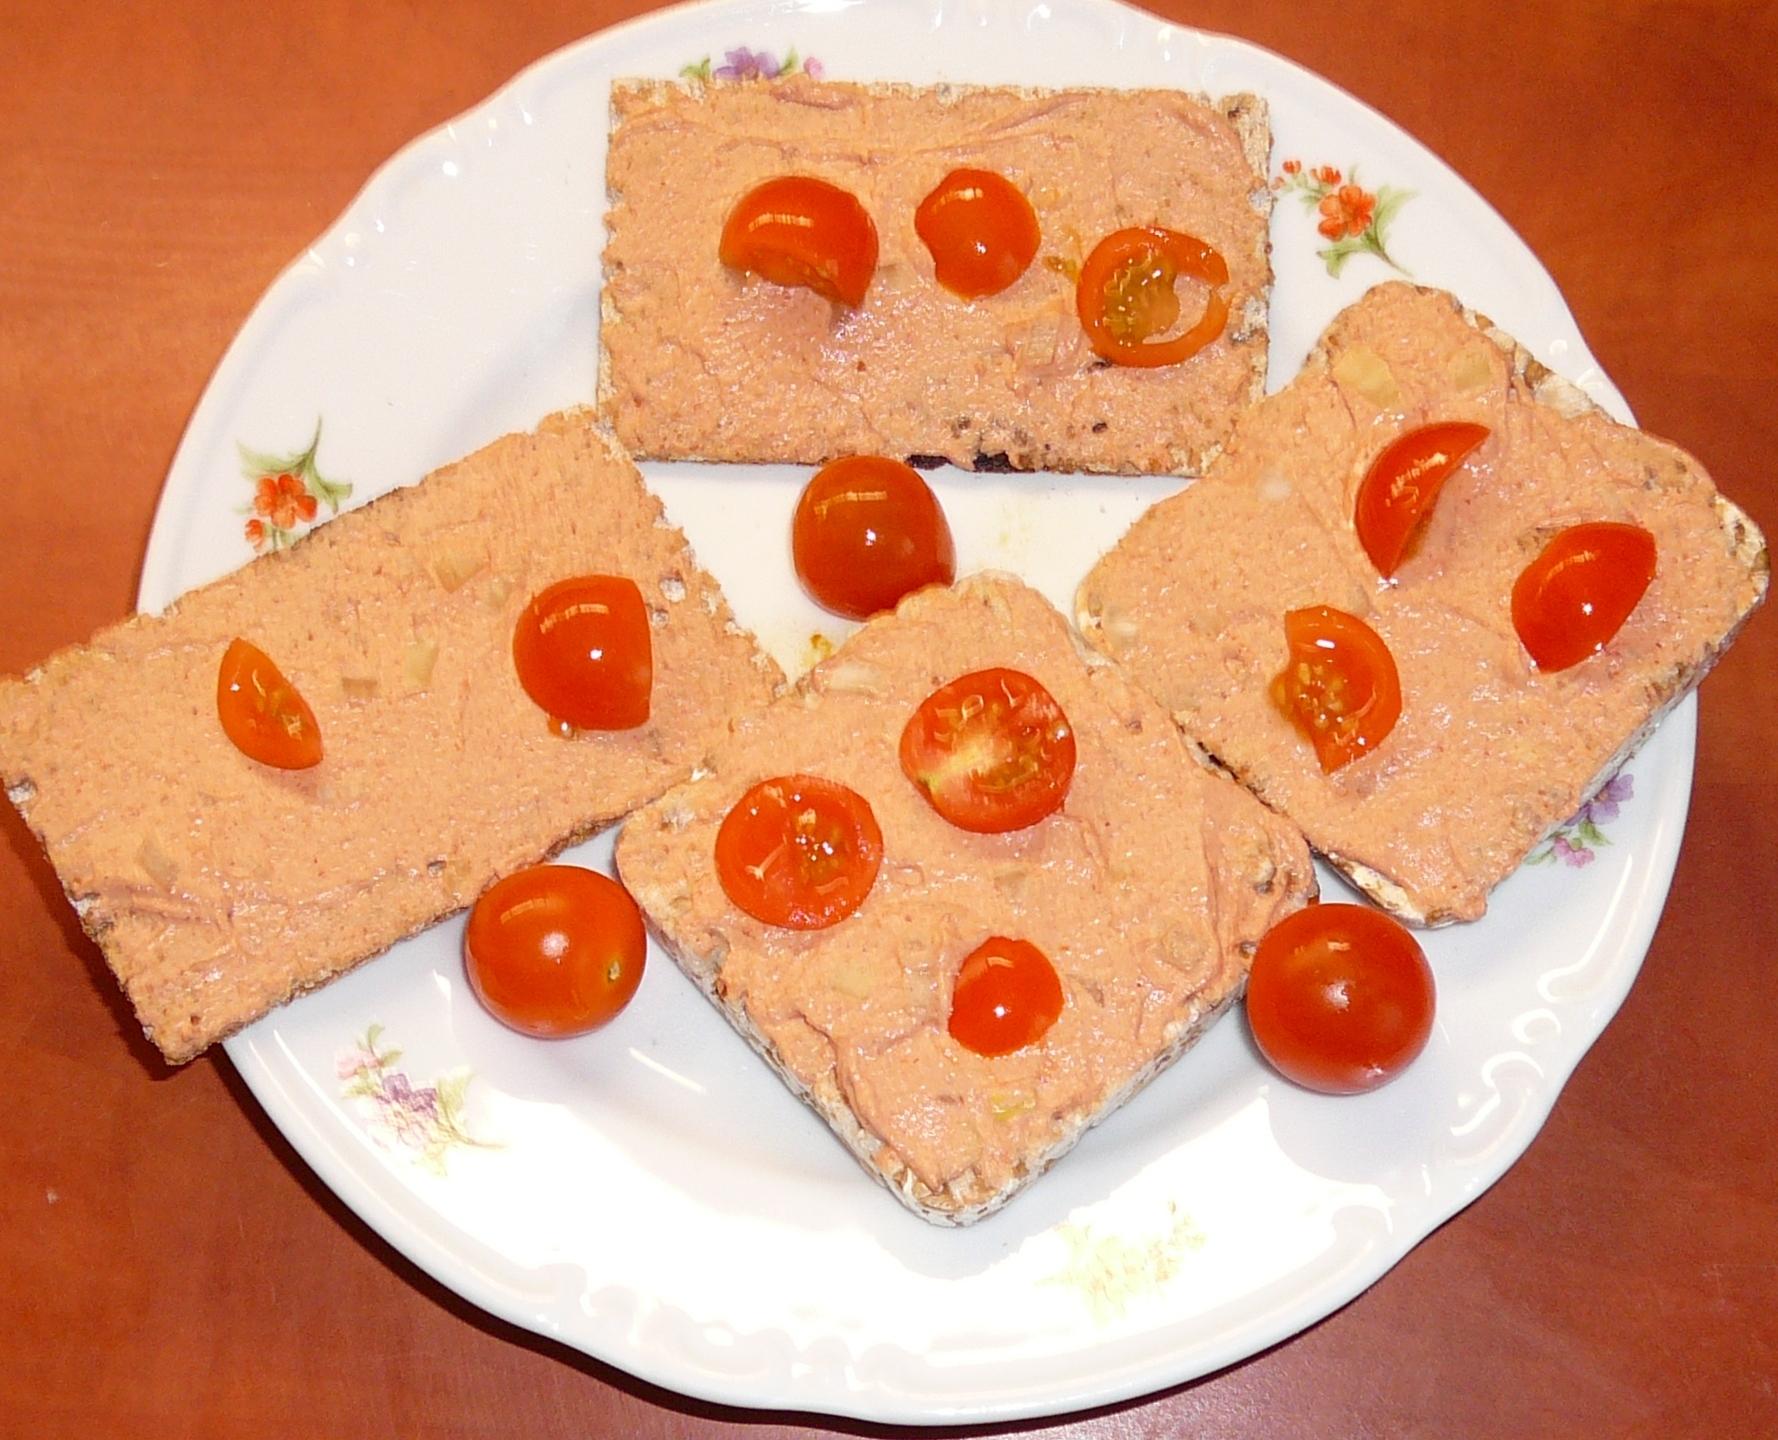 Recept Dietní pikantní tvarohová pomazánka  - Dietní pikantní tvarohová pomazánka